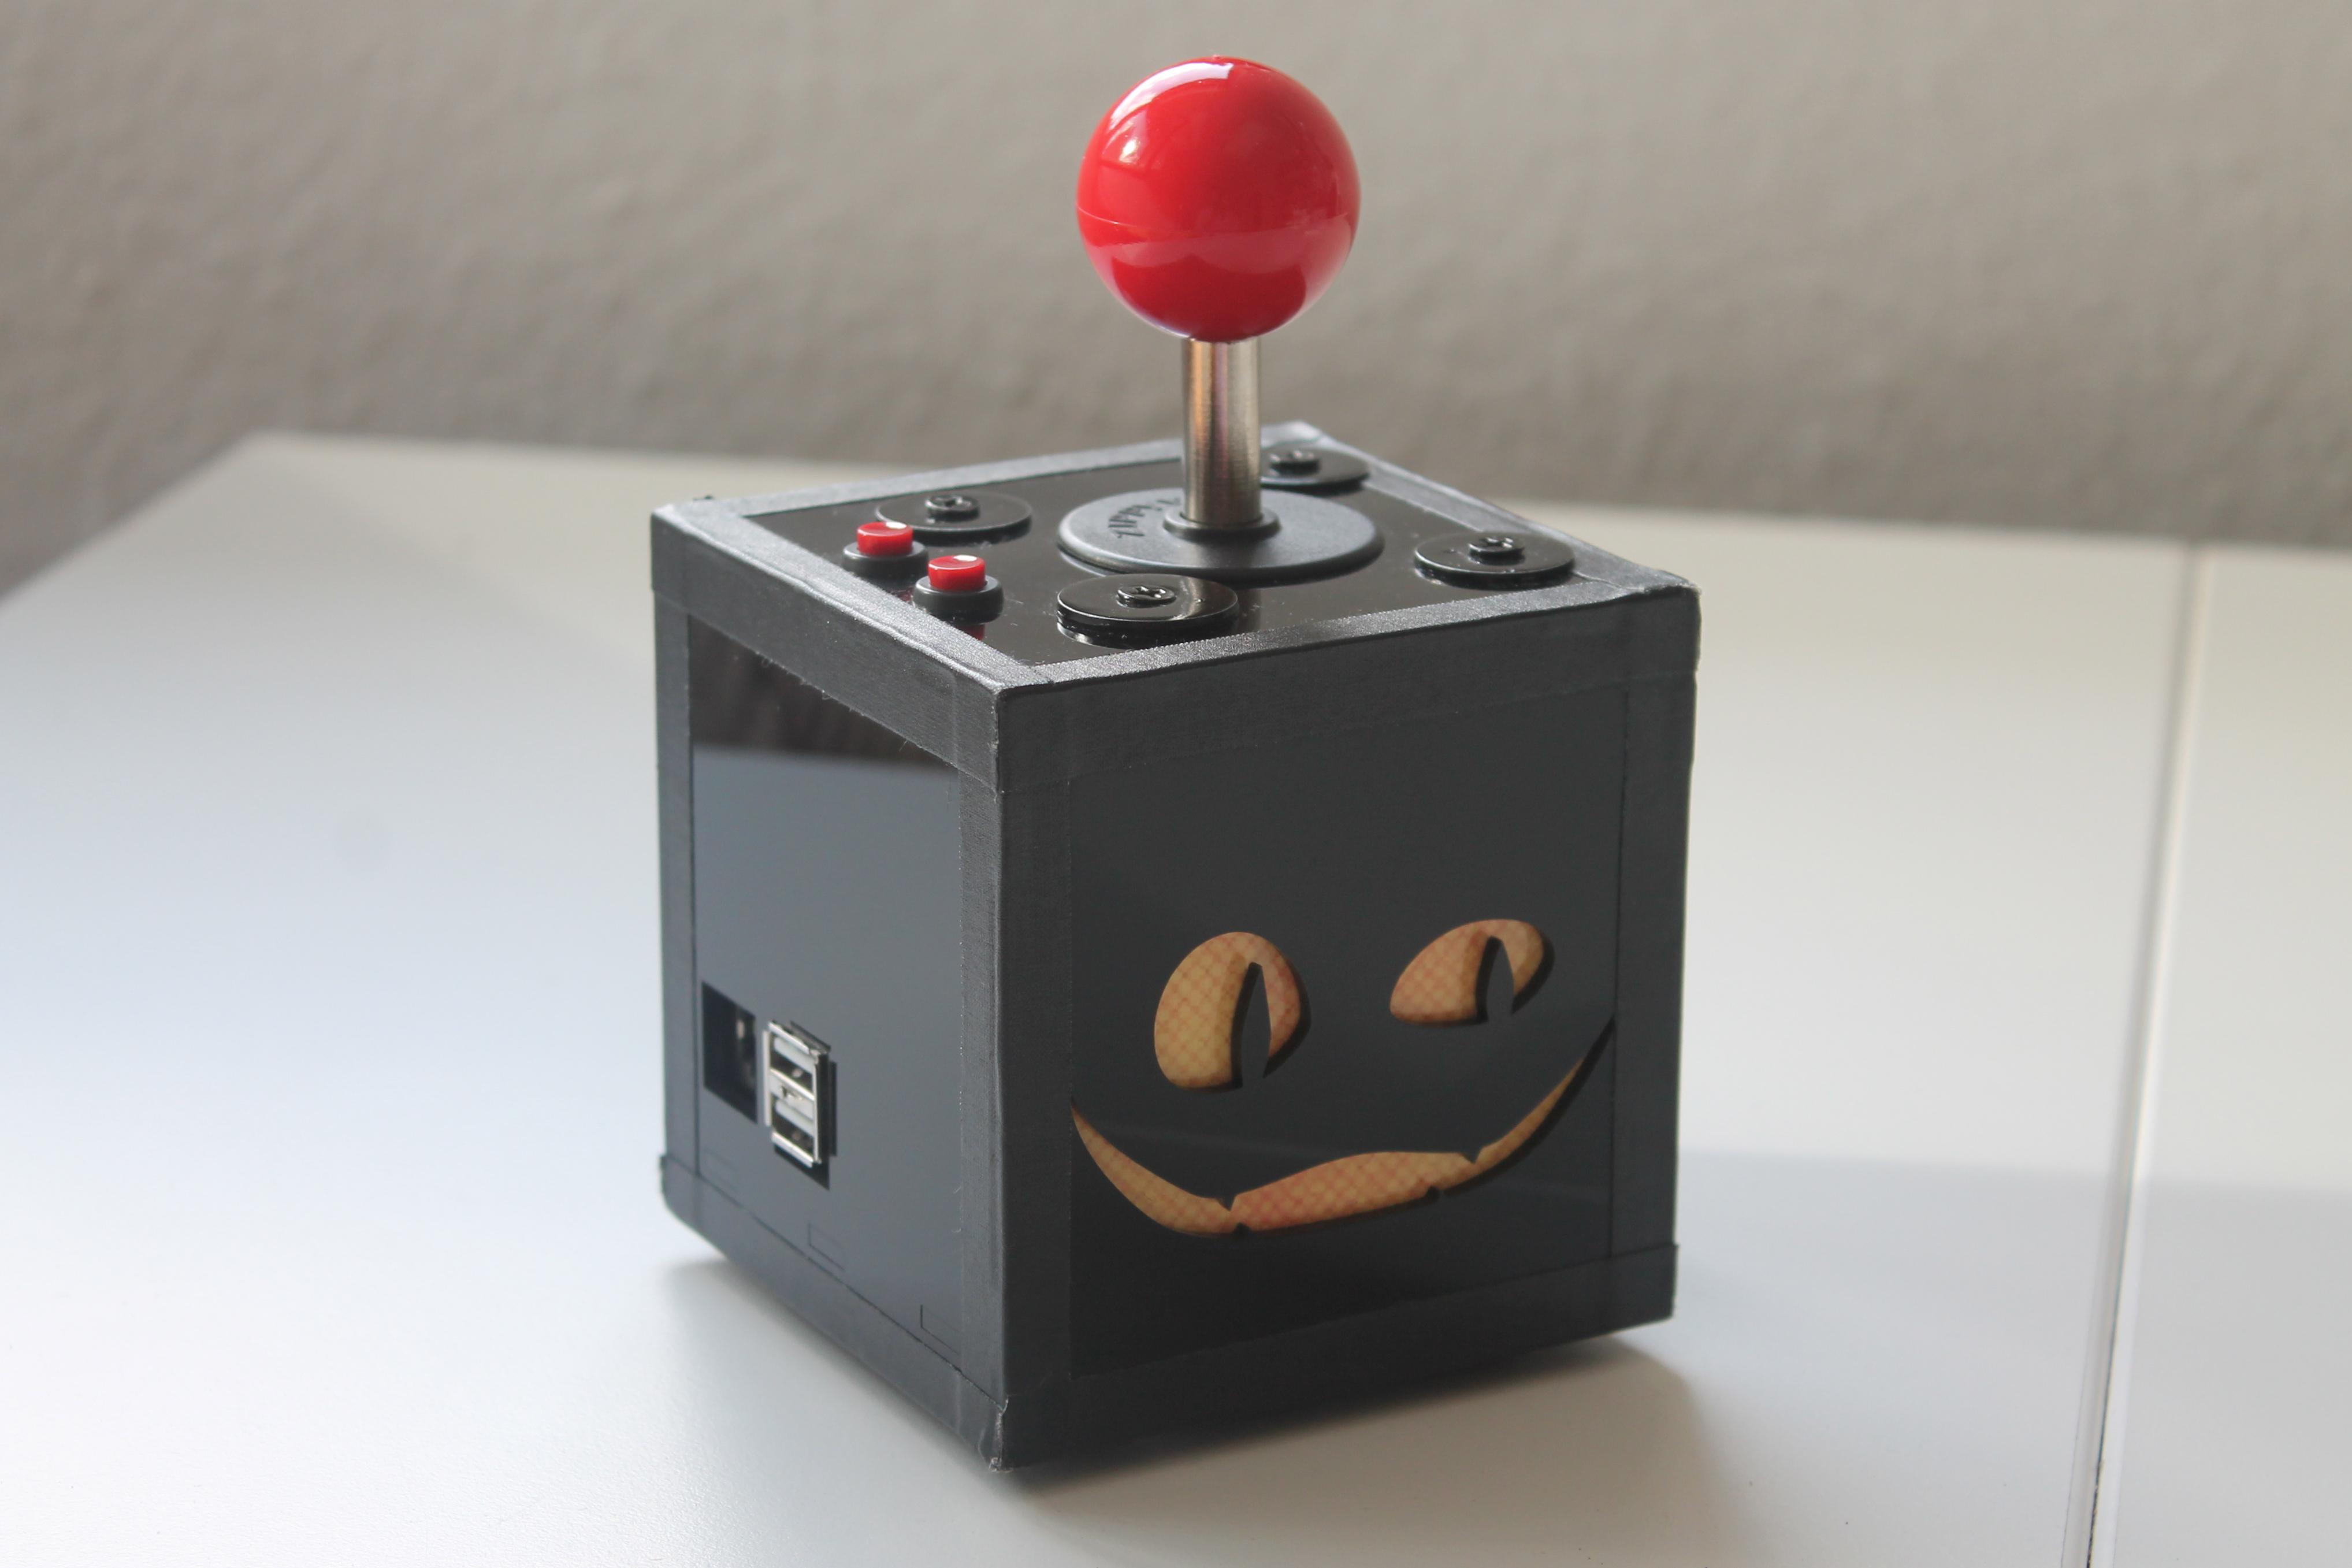 Vers Des Raspberry PiThemenhefts Minecraft ArcadeMaschine - Raspberry minecraft spielen